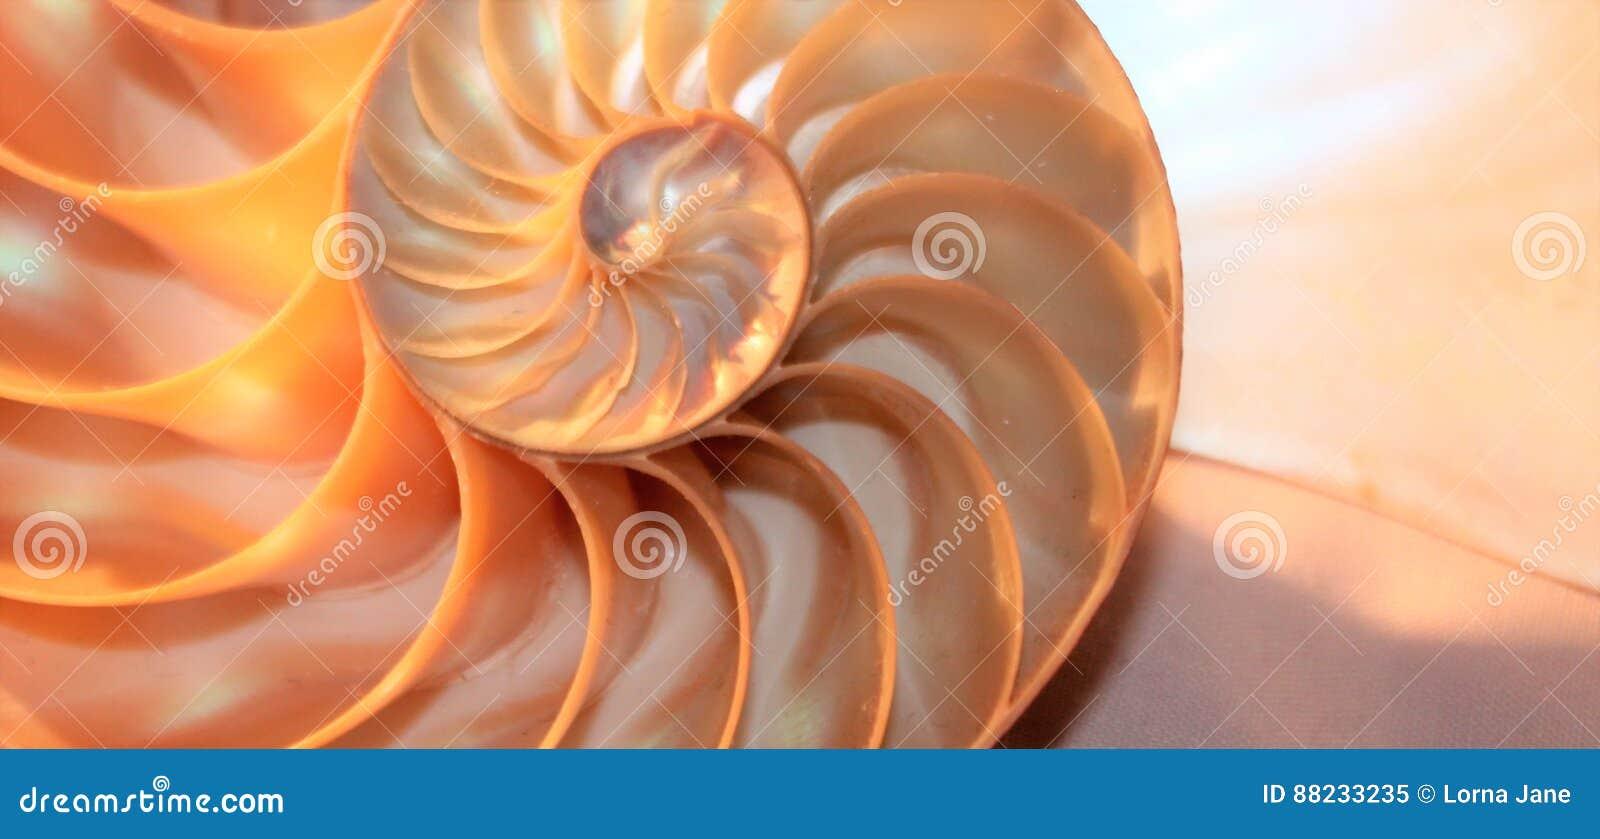 舡鱼壳斐波那奇对称短剖面螺旋结构成长金黄比率